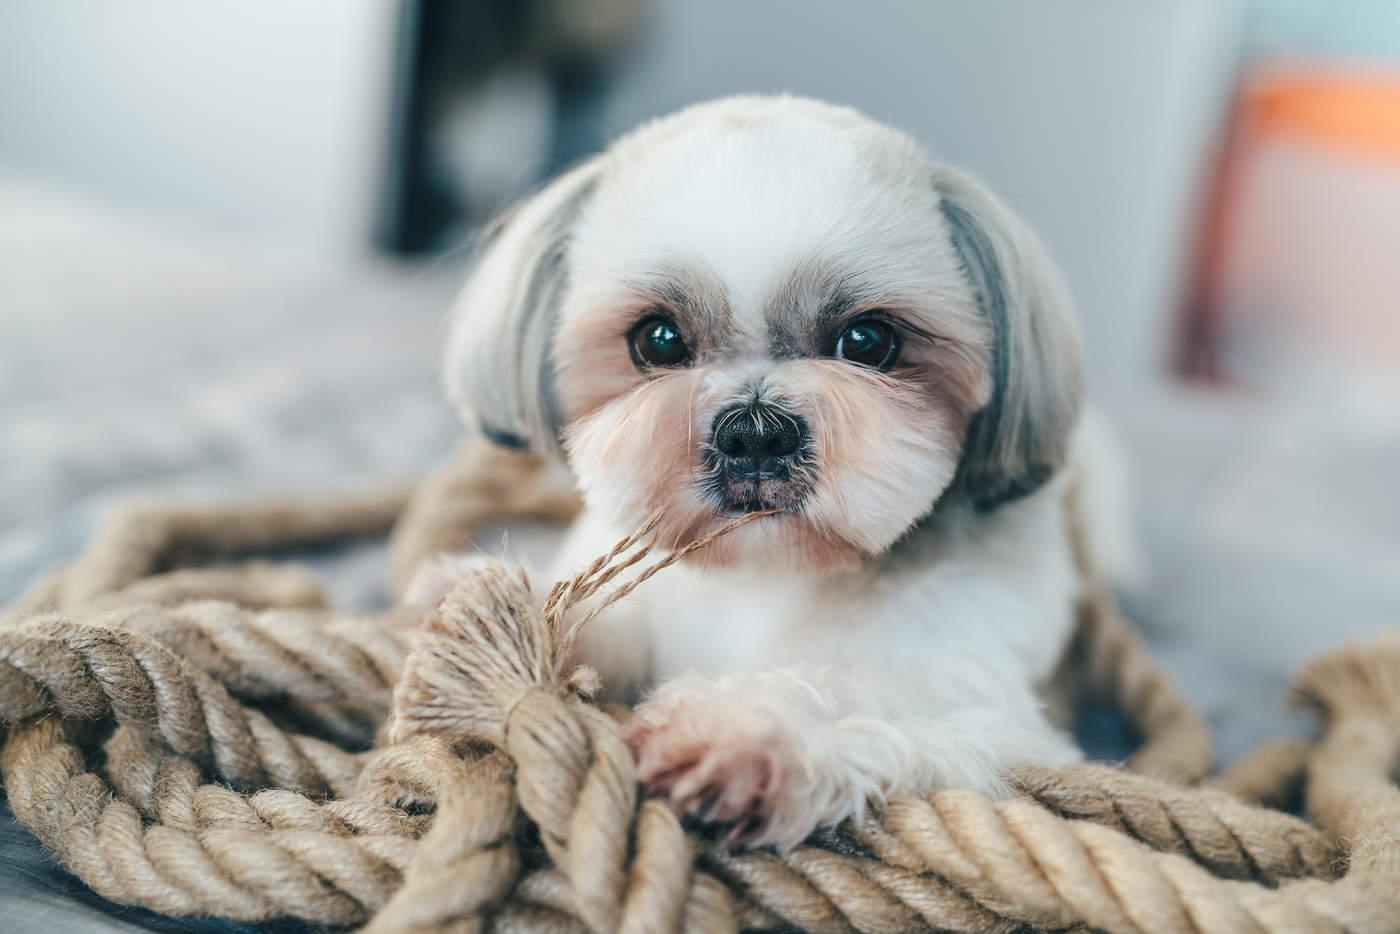 Los perros suelen morder y masticar objetos cuando estan aburridos, lo que puede ocurrir a cualquier edad y sobre todo cuando están solos en casa.  (ESPECIAL)